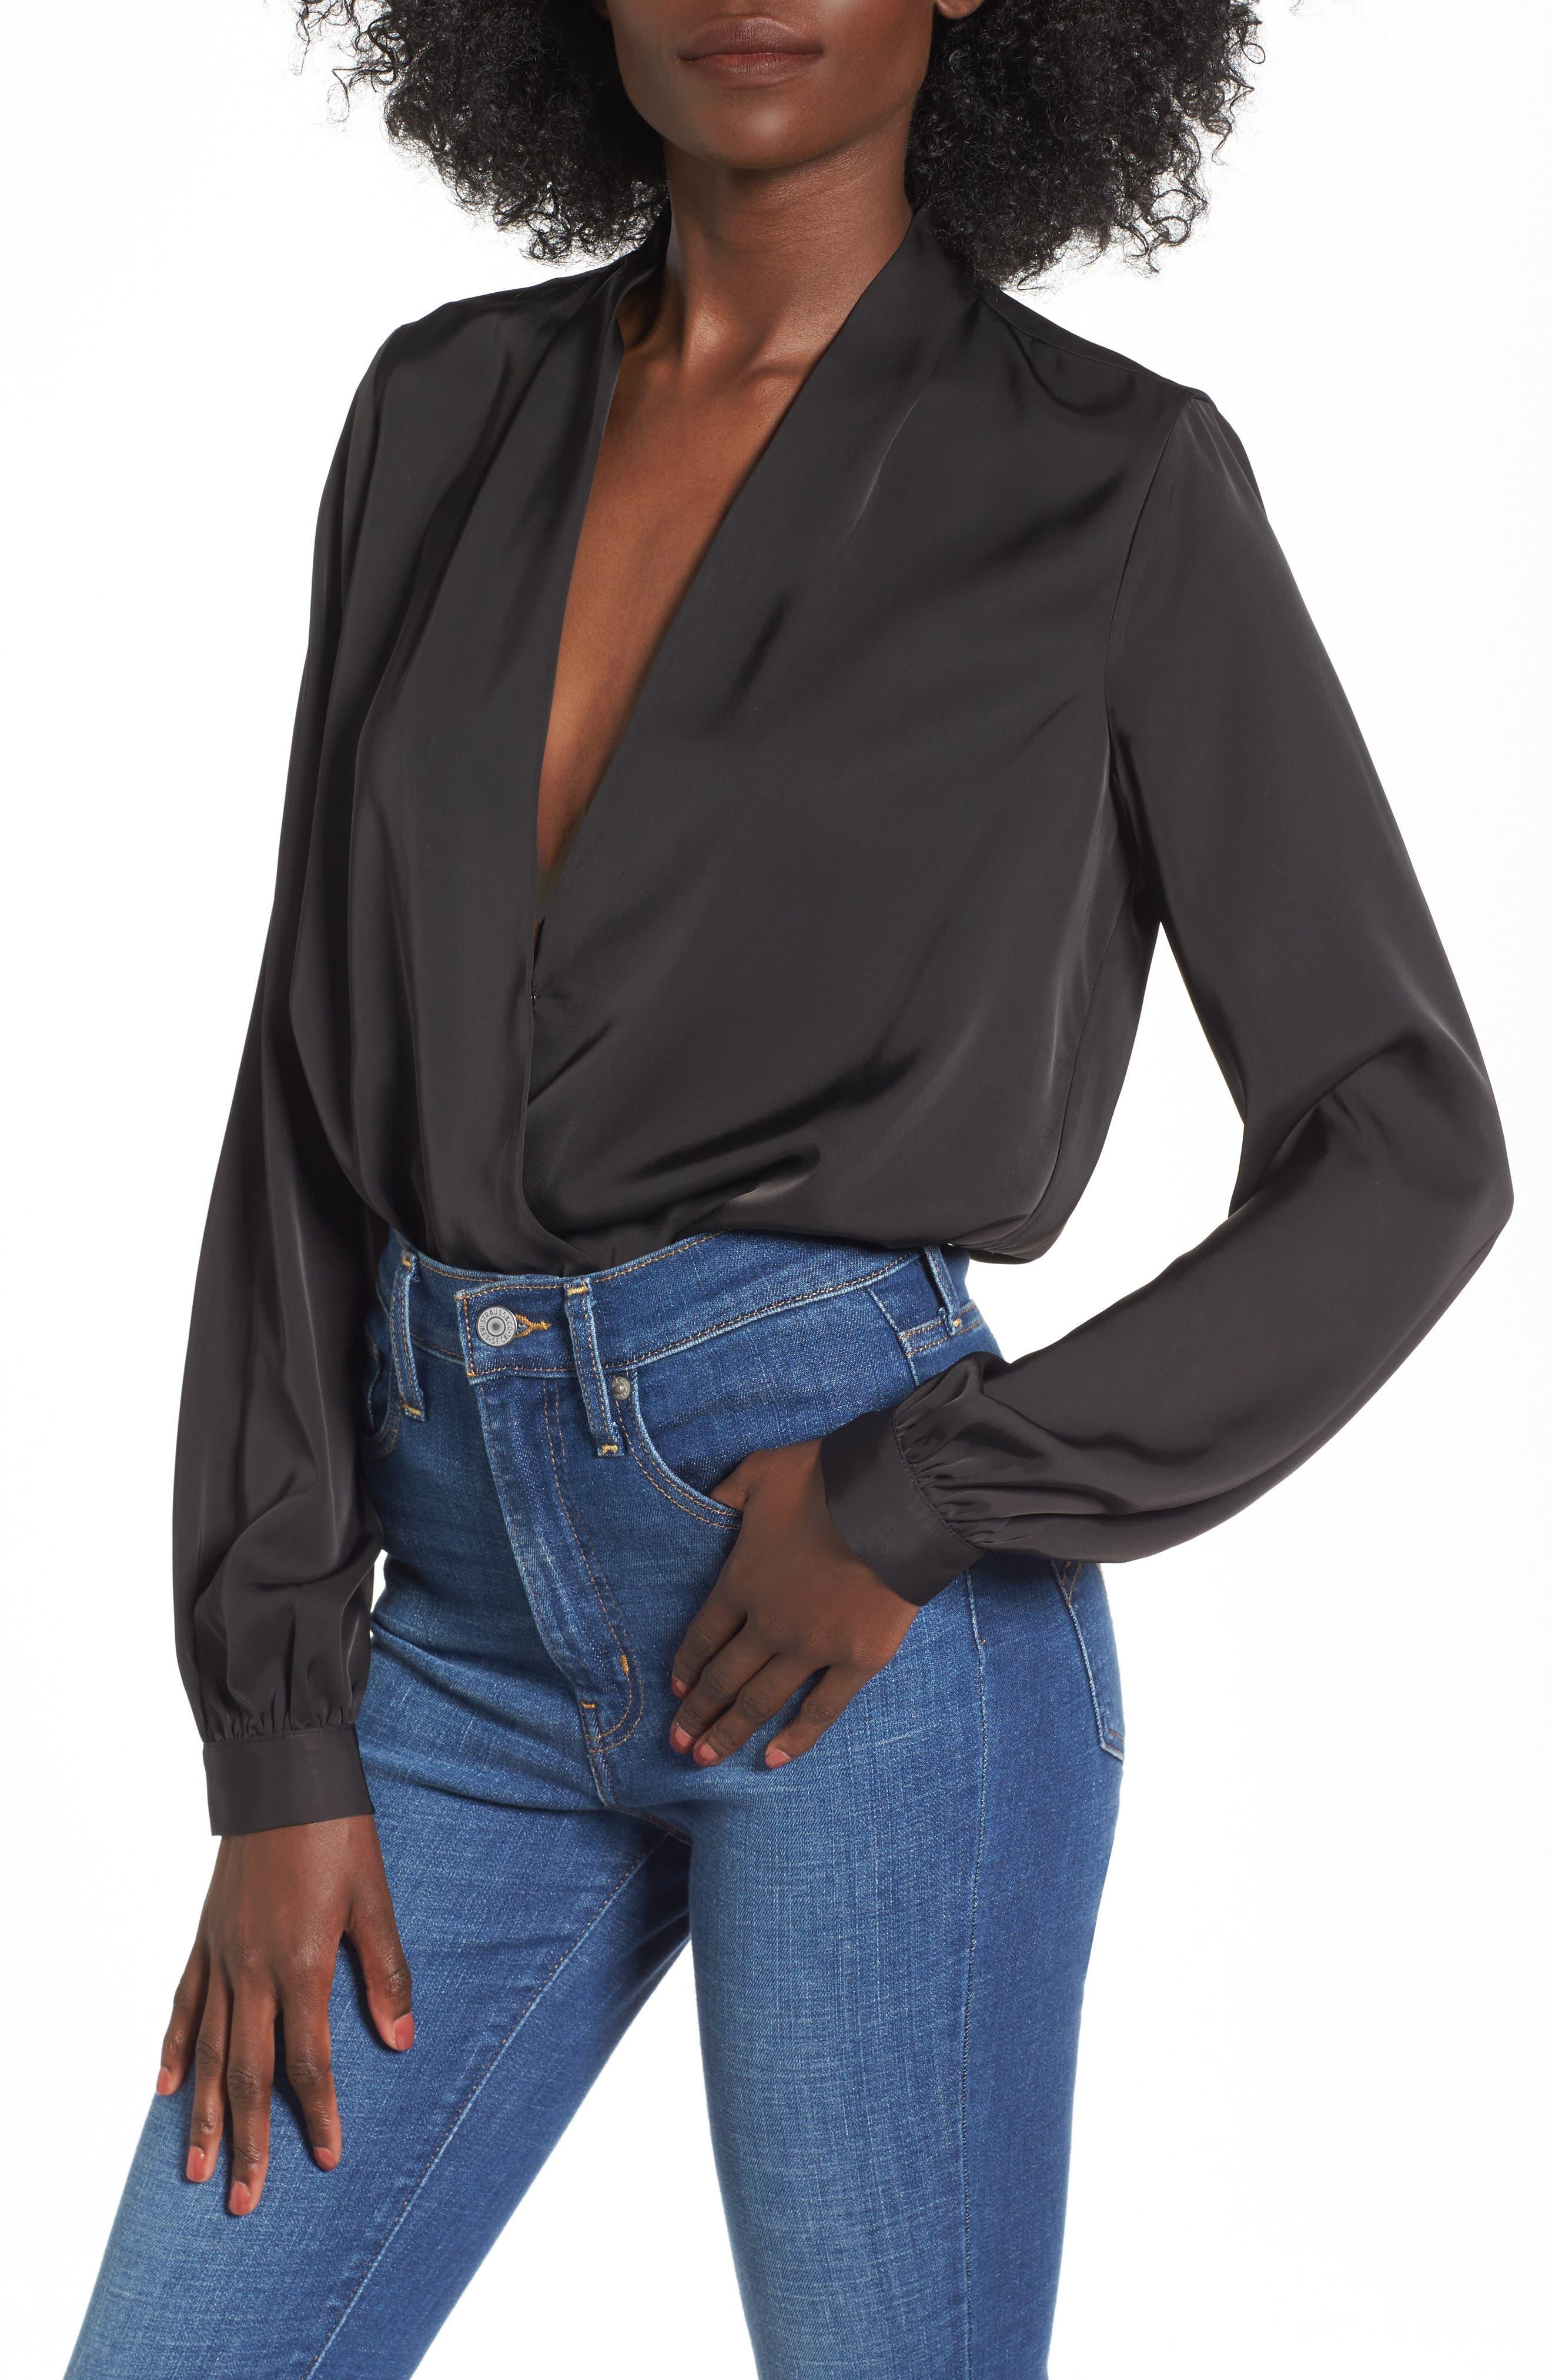 L'Academie The Long Sleeve Bodysuit,                             Main thumbnail 1, color,                             Black